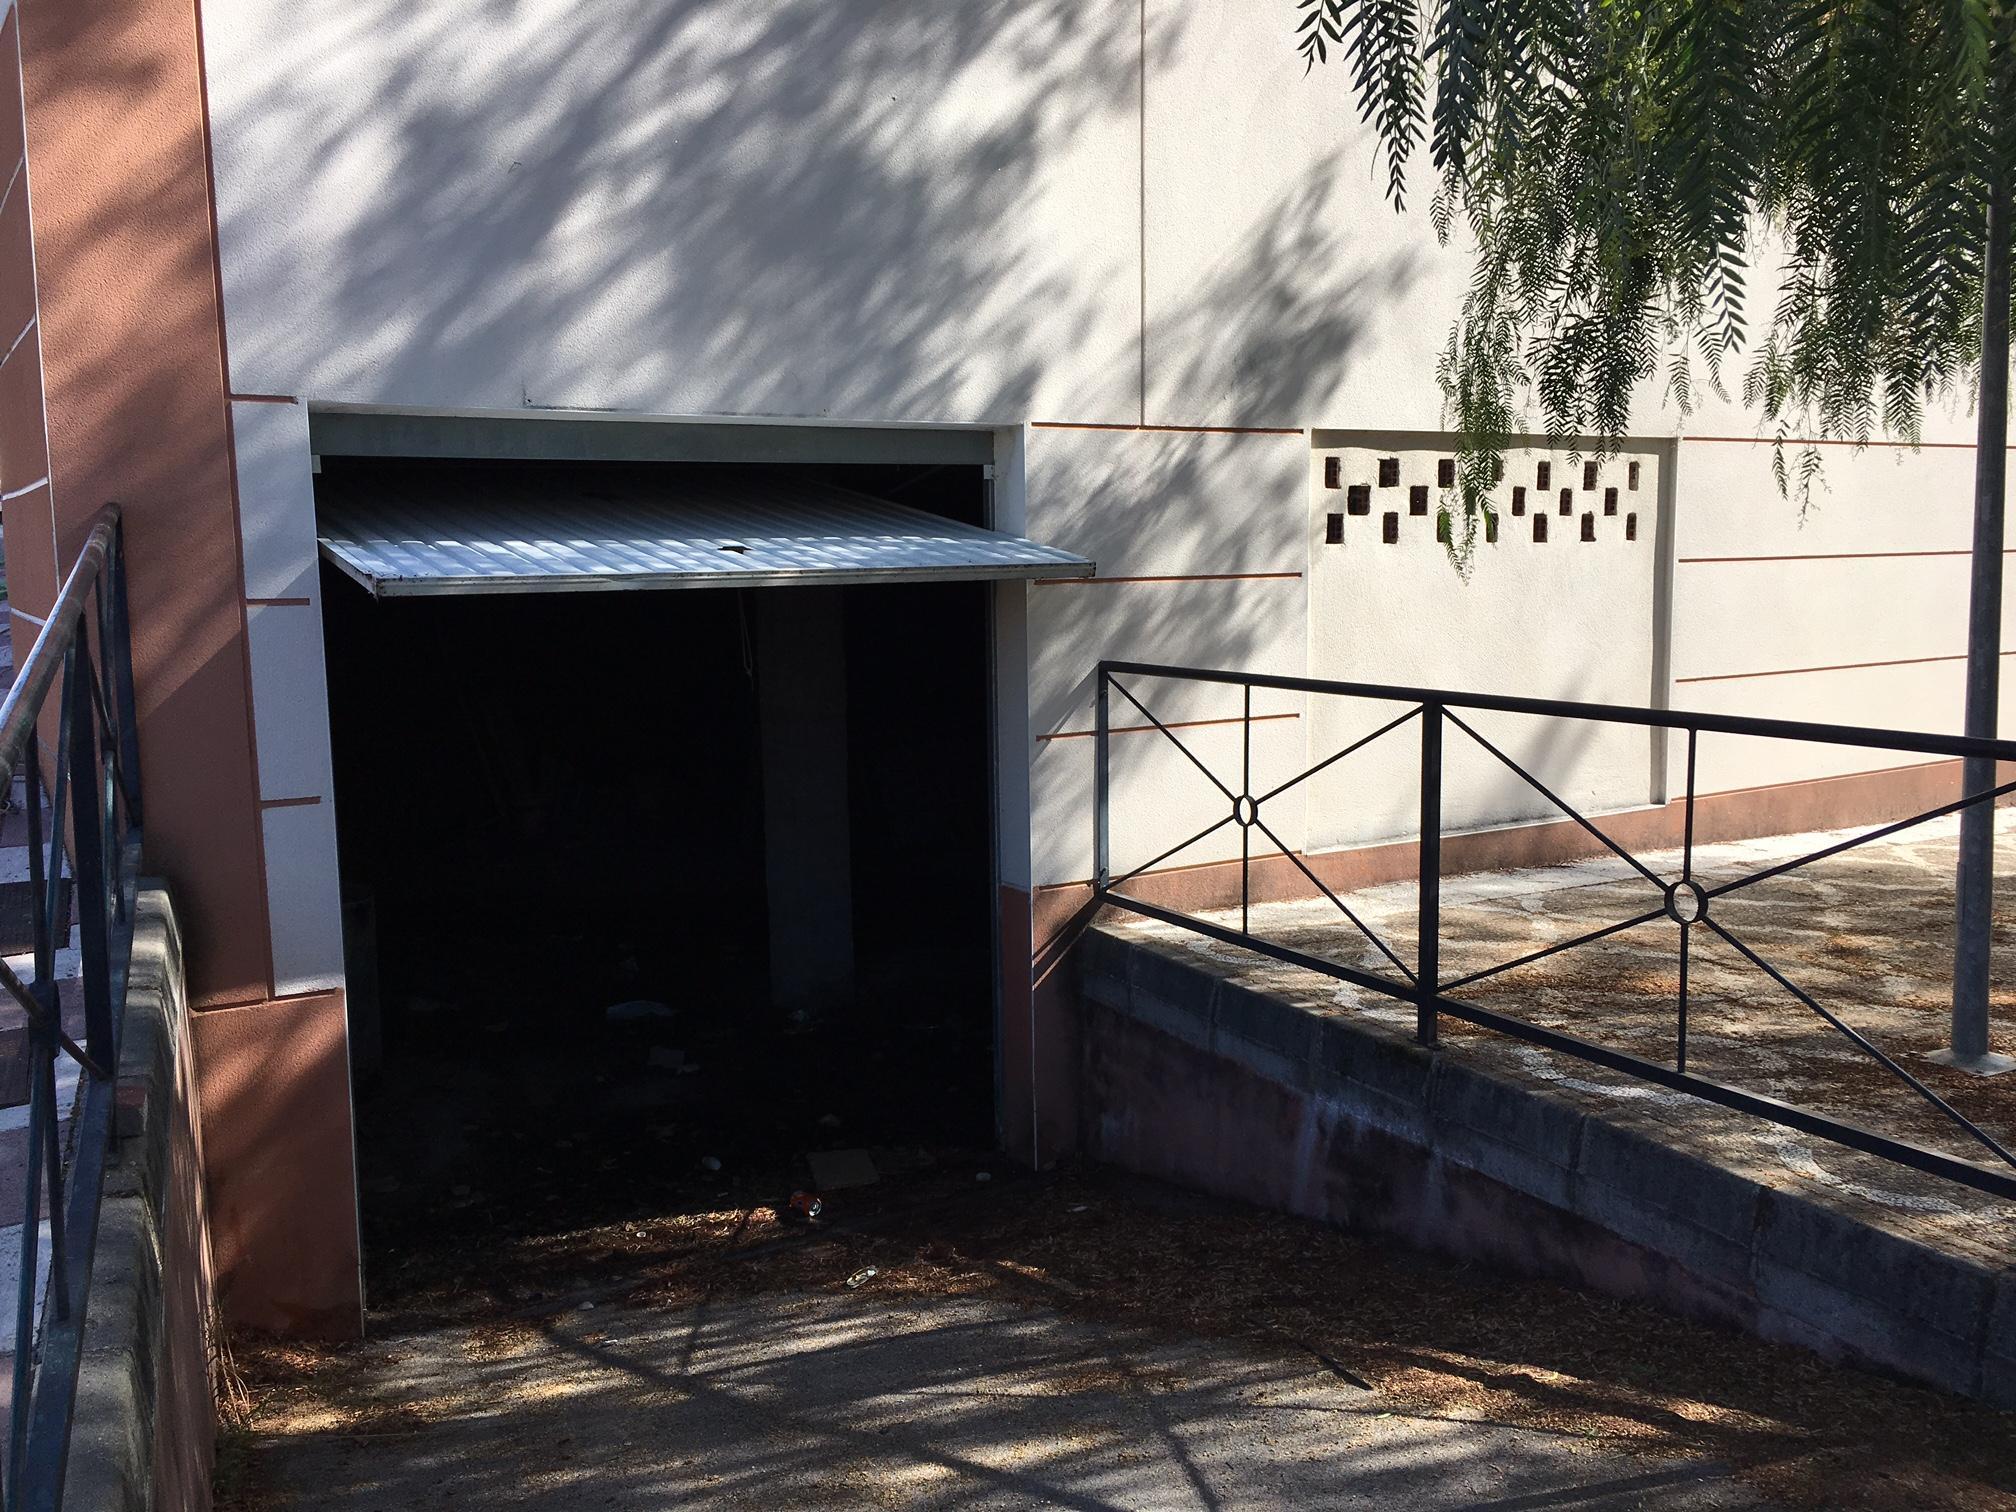 Local en venta en Arroyomolinos de León, Arroyomolinos de León, Huelva, Calle Extremadura Trasera, 51.800 €, 433 m2